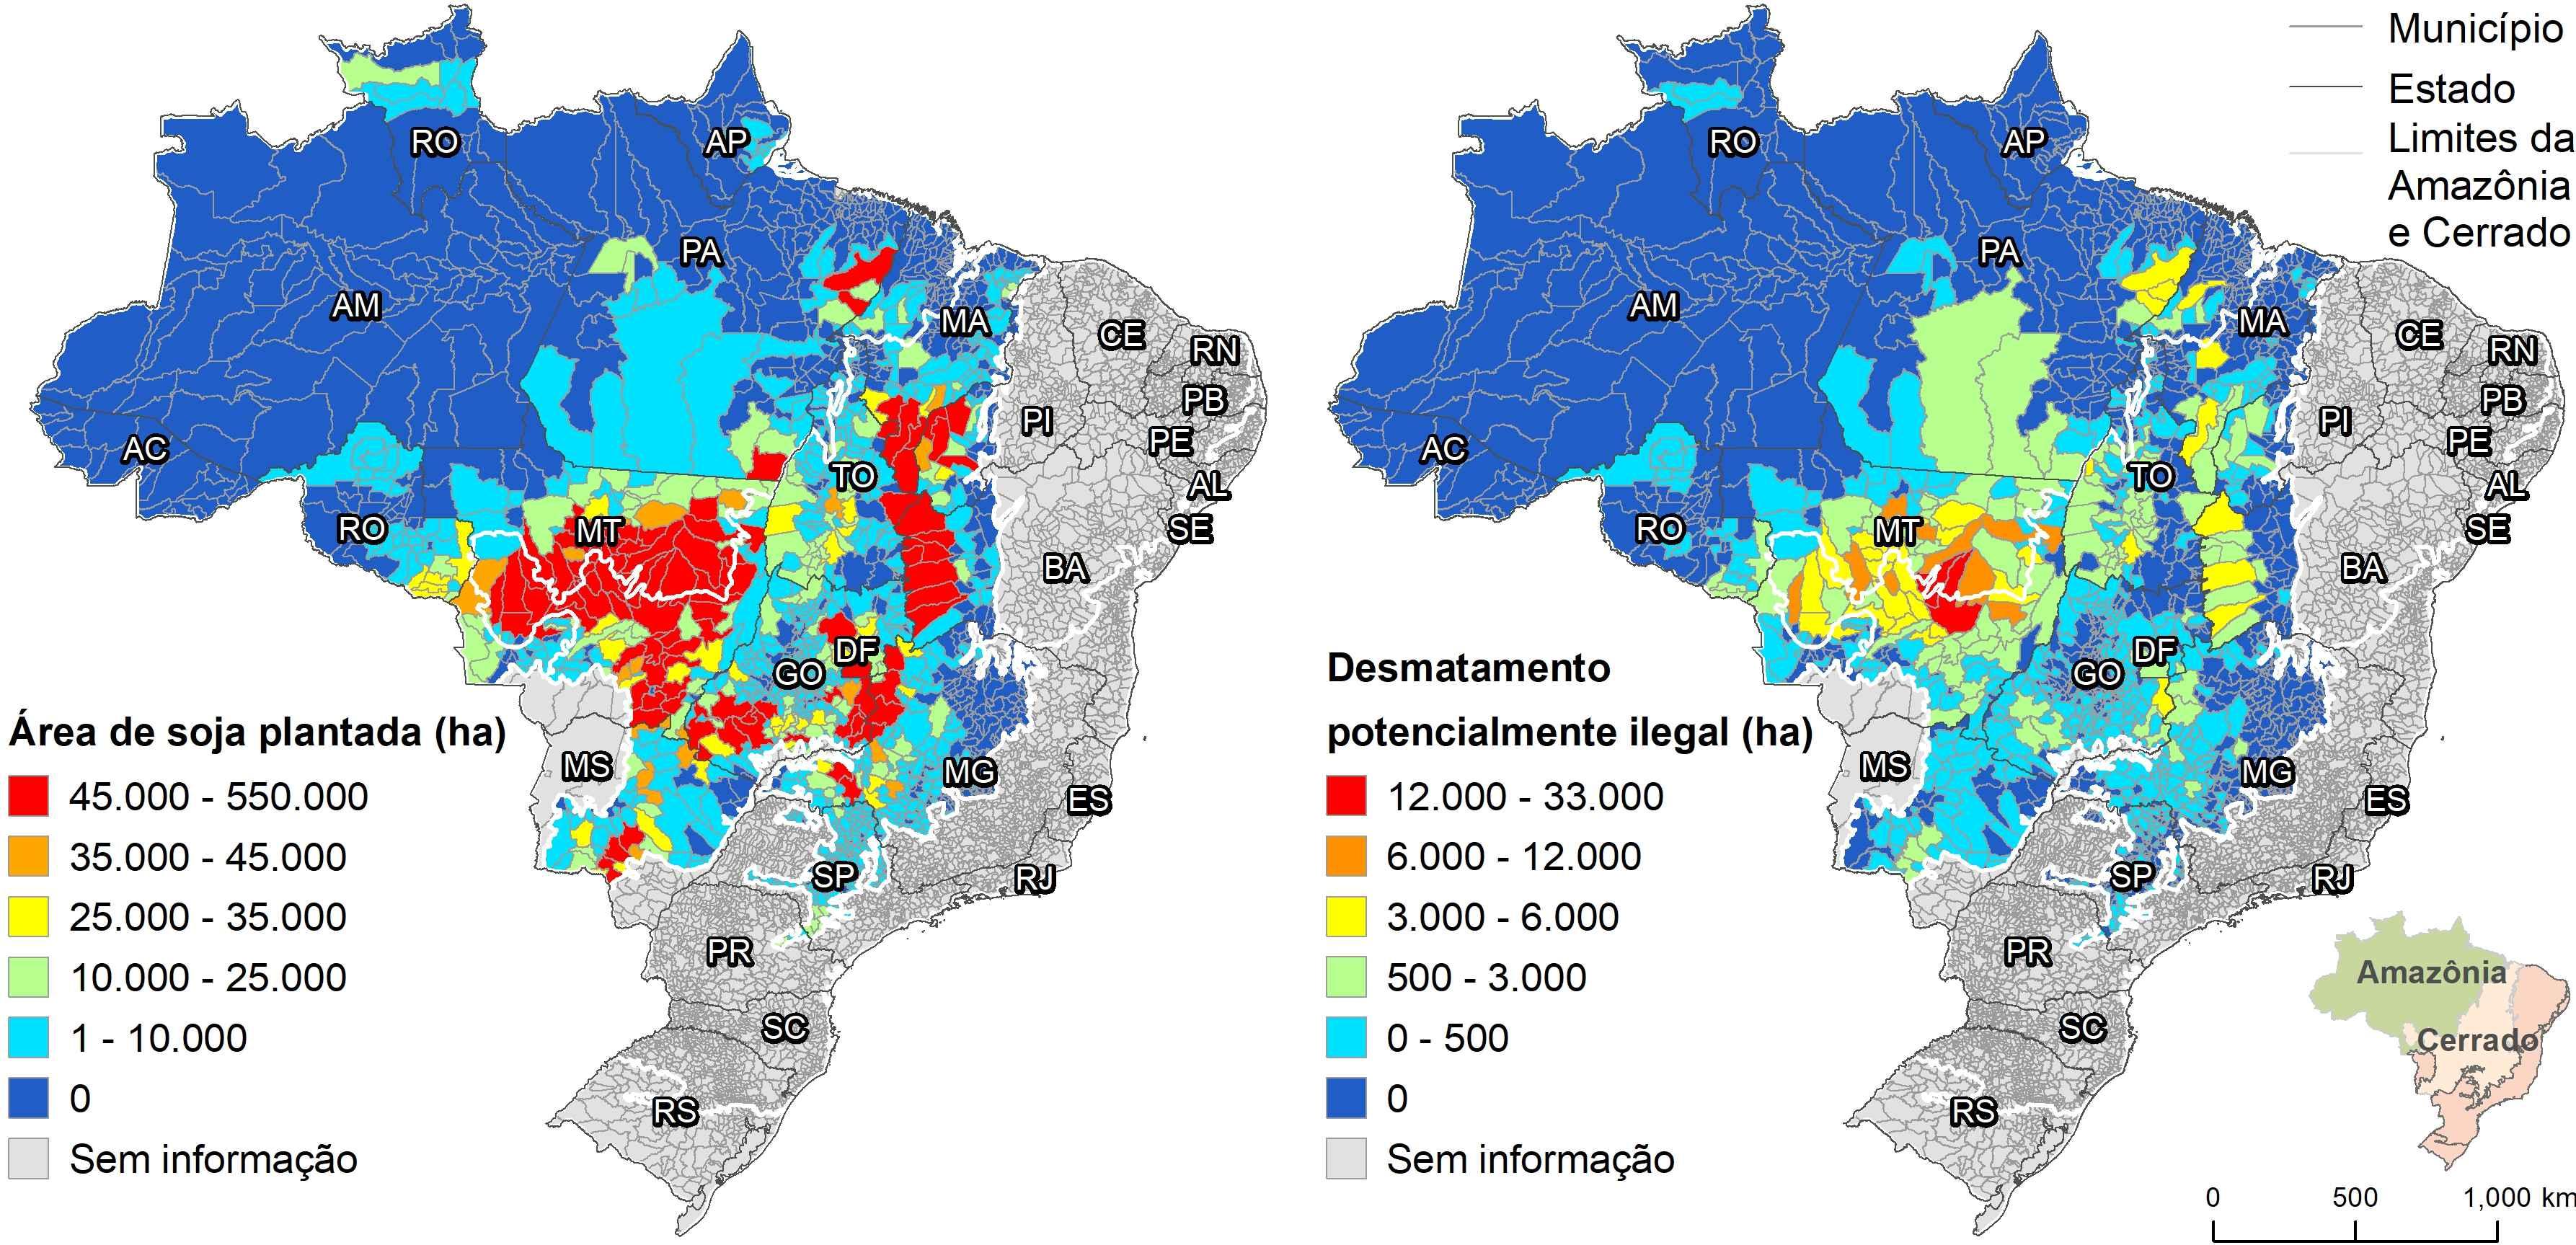 Cores nos mapas indicam áreas da cultura da soja que podem estar ilegais